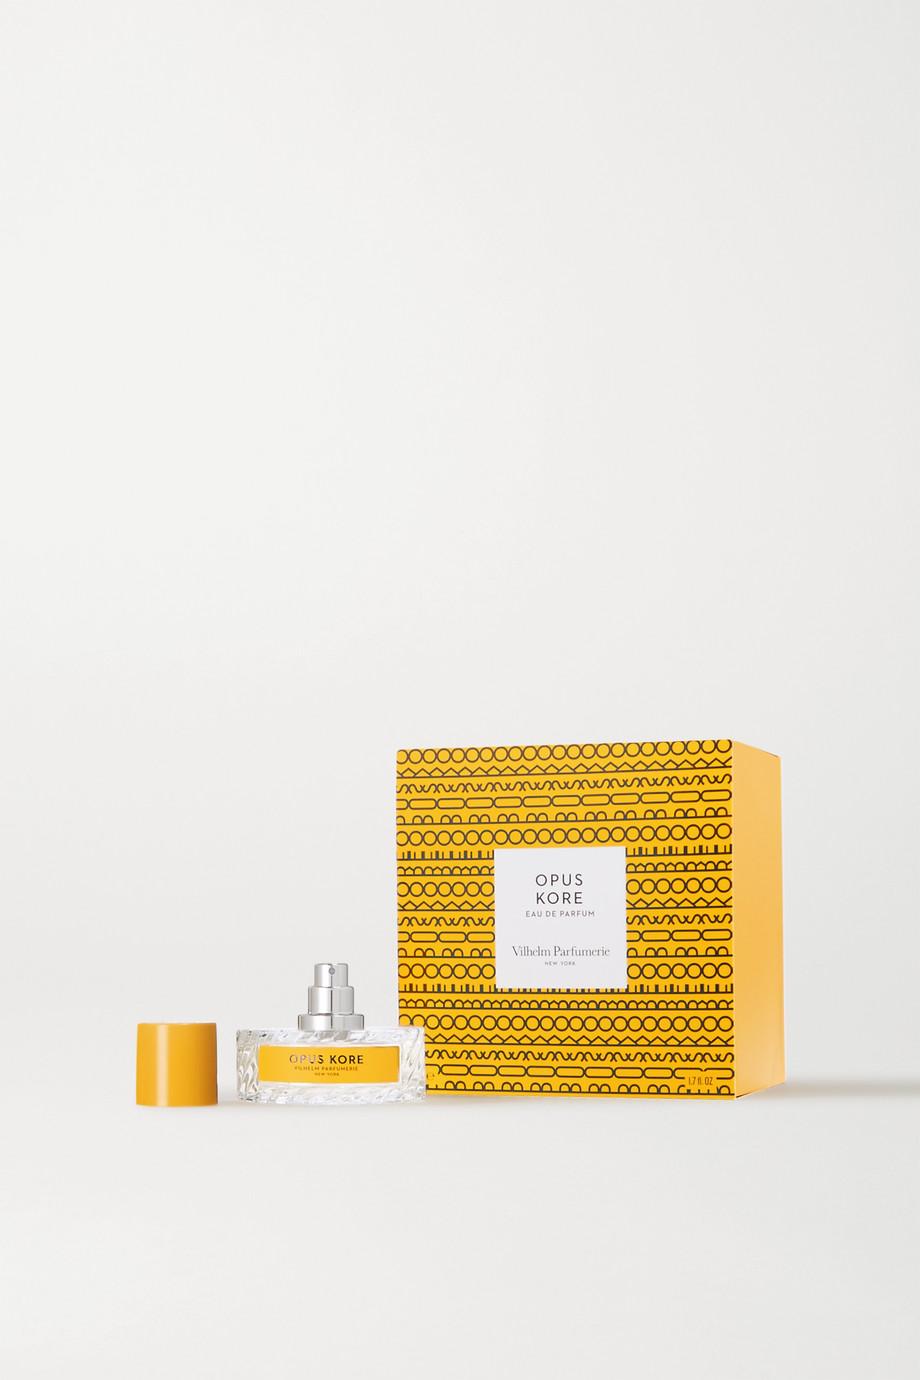 Vilhelm Parfumerie Eau de Parfum - Opus Kore, 50ml